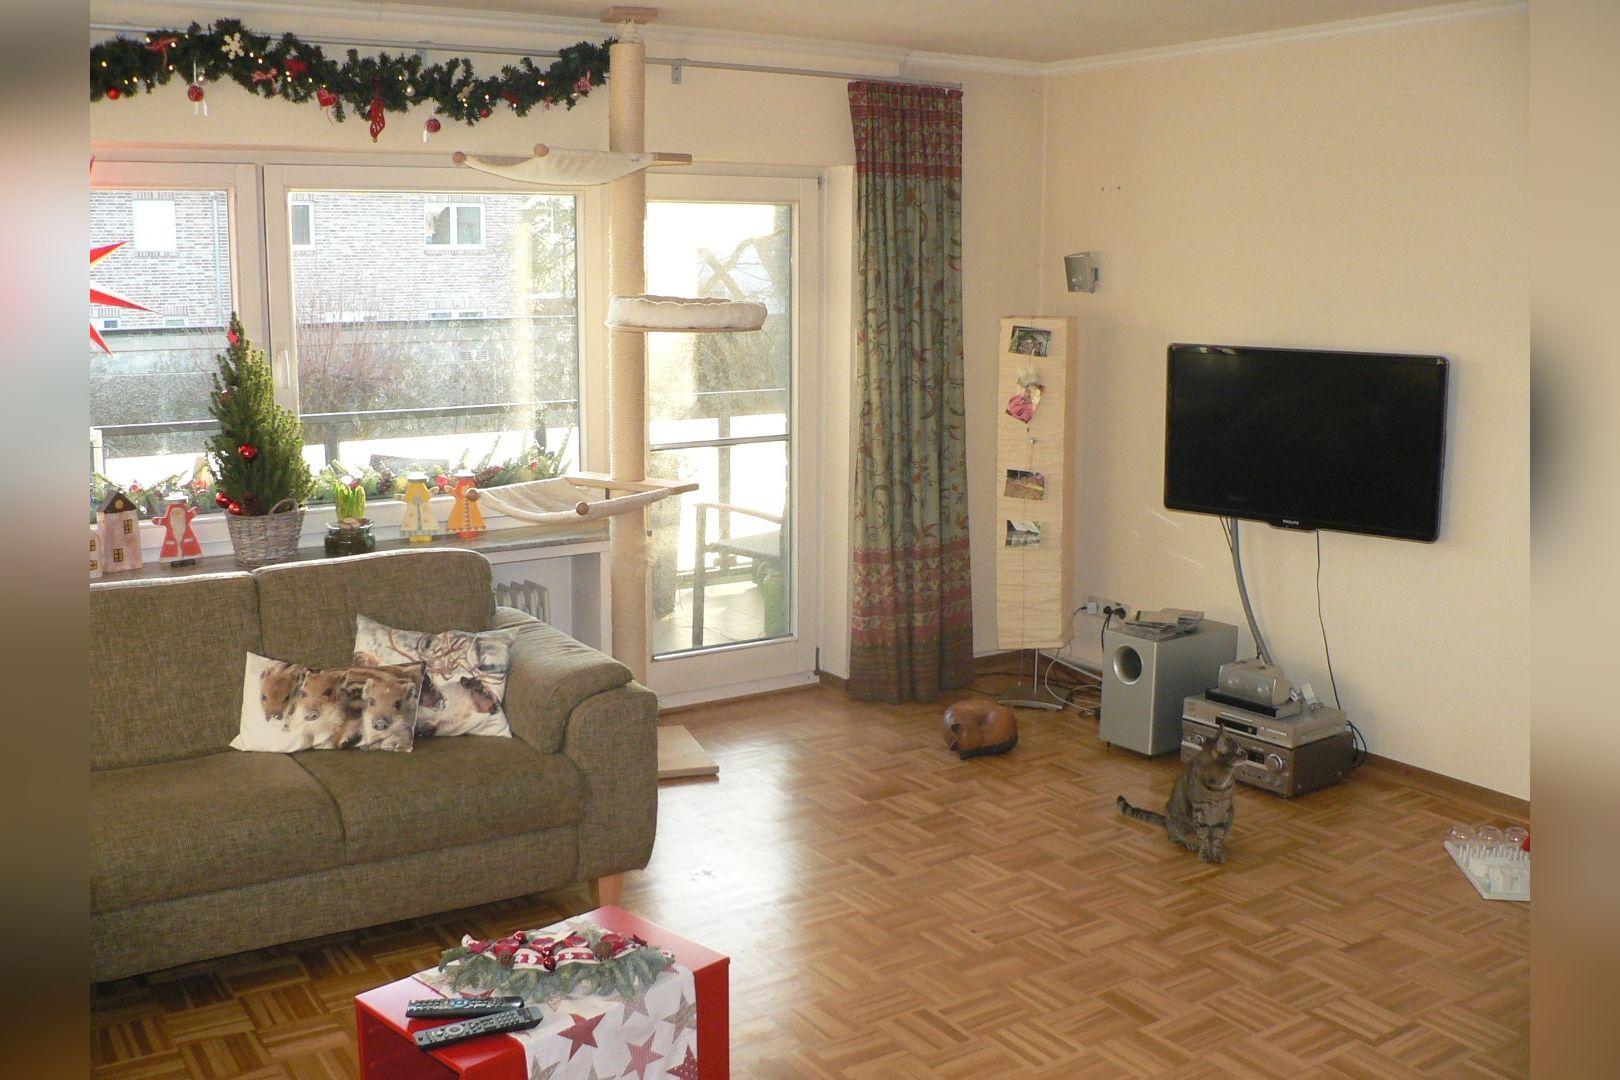 Immobilie Nr.0247 - Maisonette-Whg. über EG u. Sout. mit Loggia u. Garage  - Bild 3.jpg